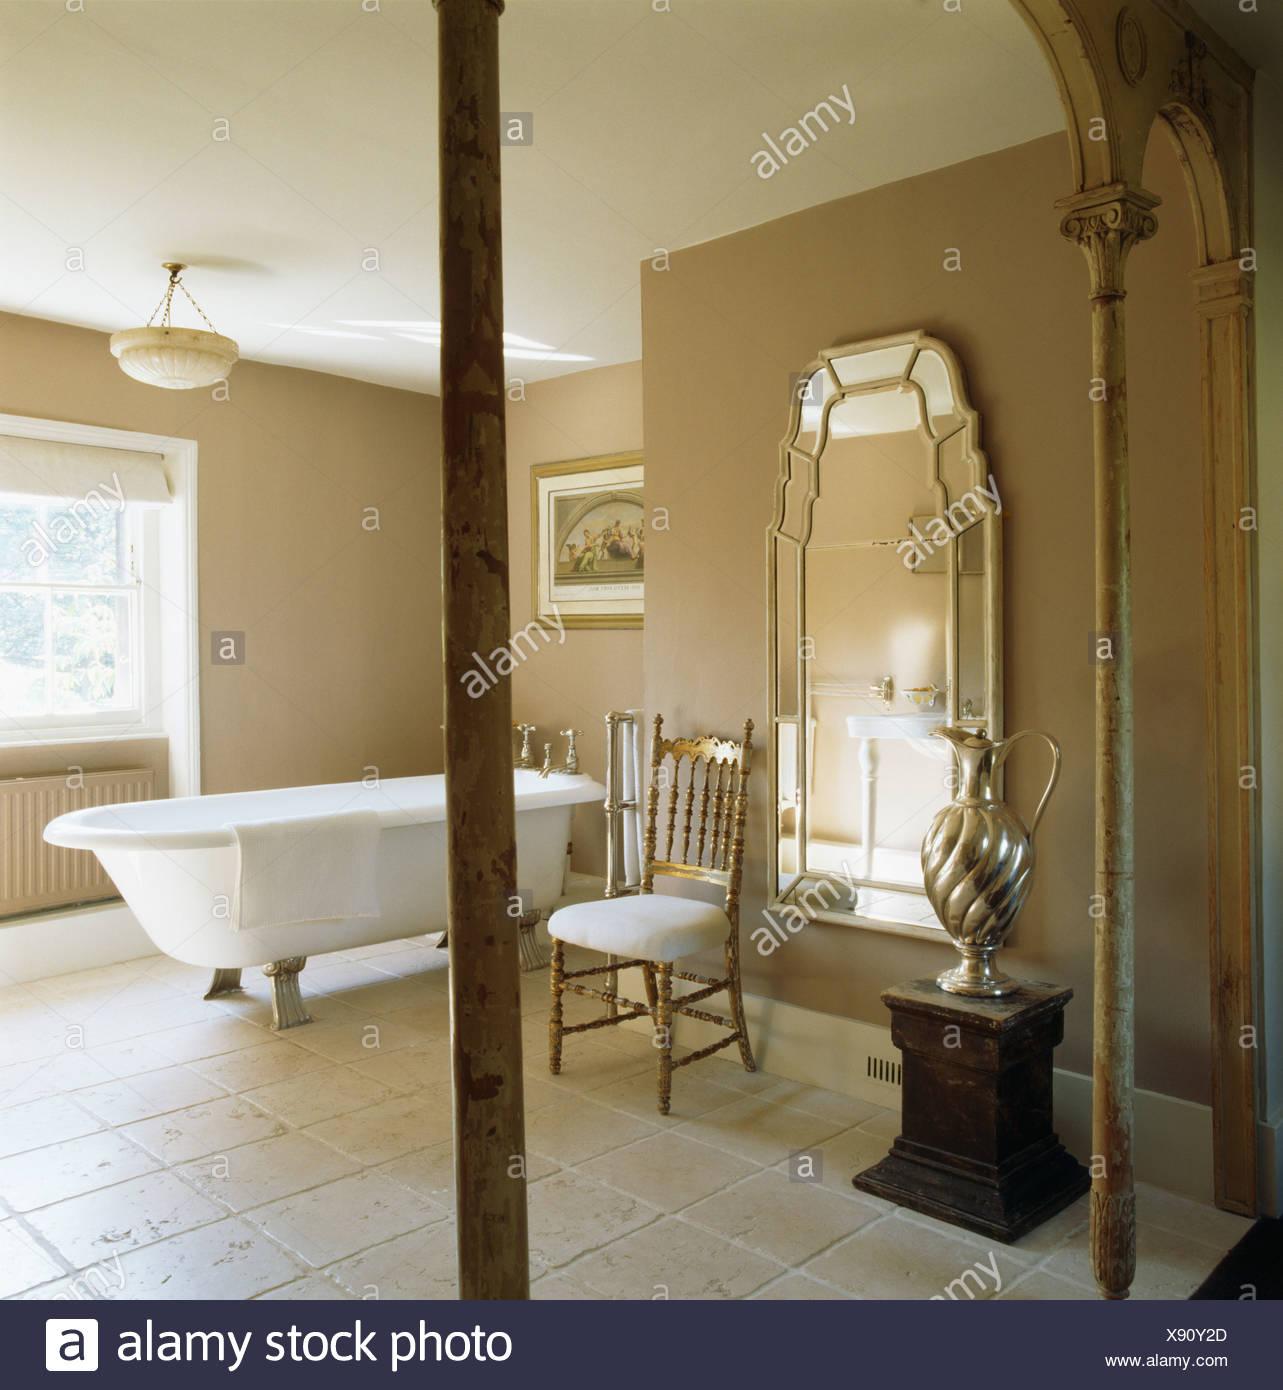 Grand Miroir Vénitien Et Une Baignoire Dans La Salle De Bain Beige Avec Un  Sol Calcaire